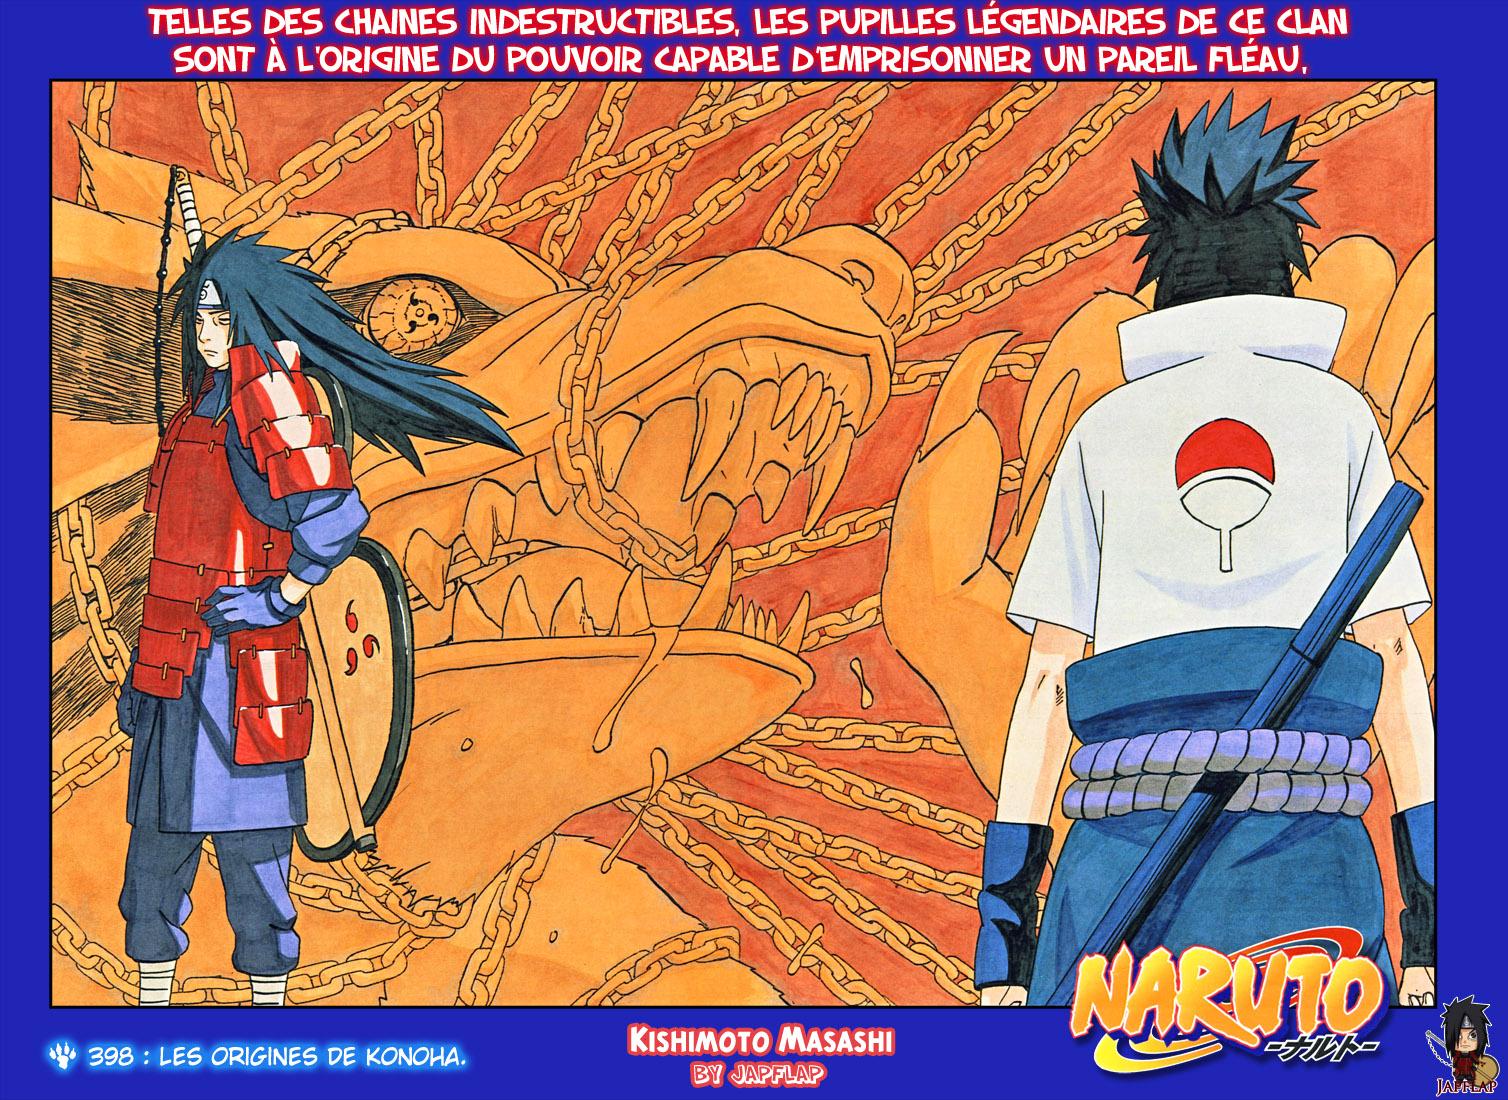 Naruto chapitre 398 colorisé - Page 1